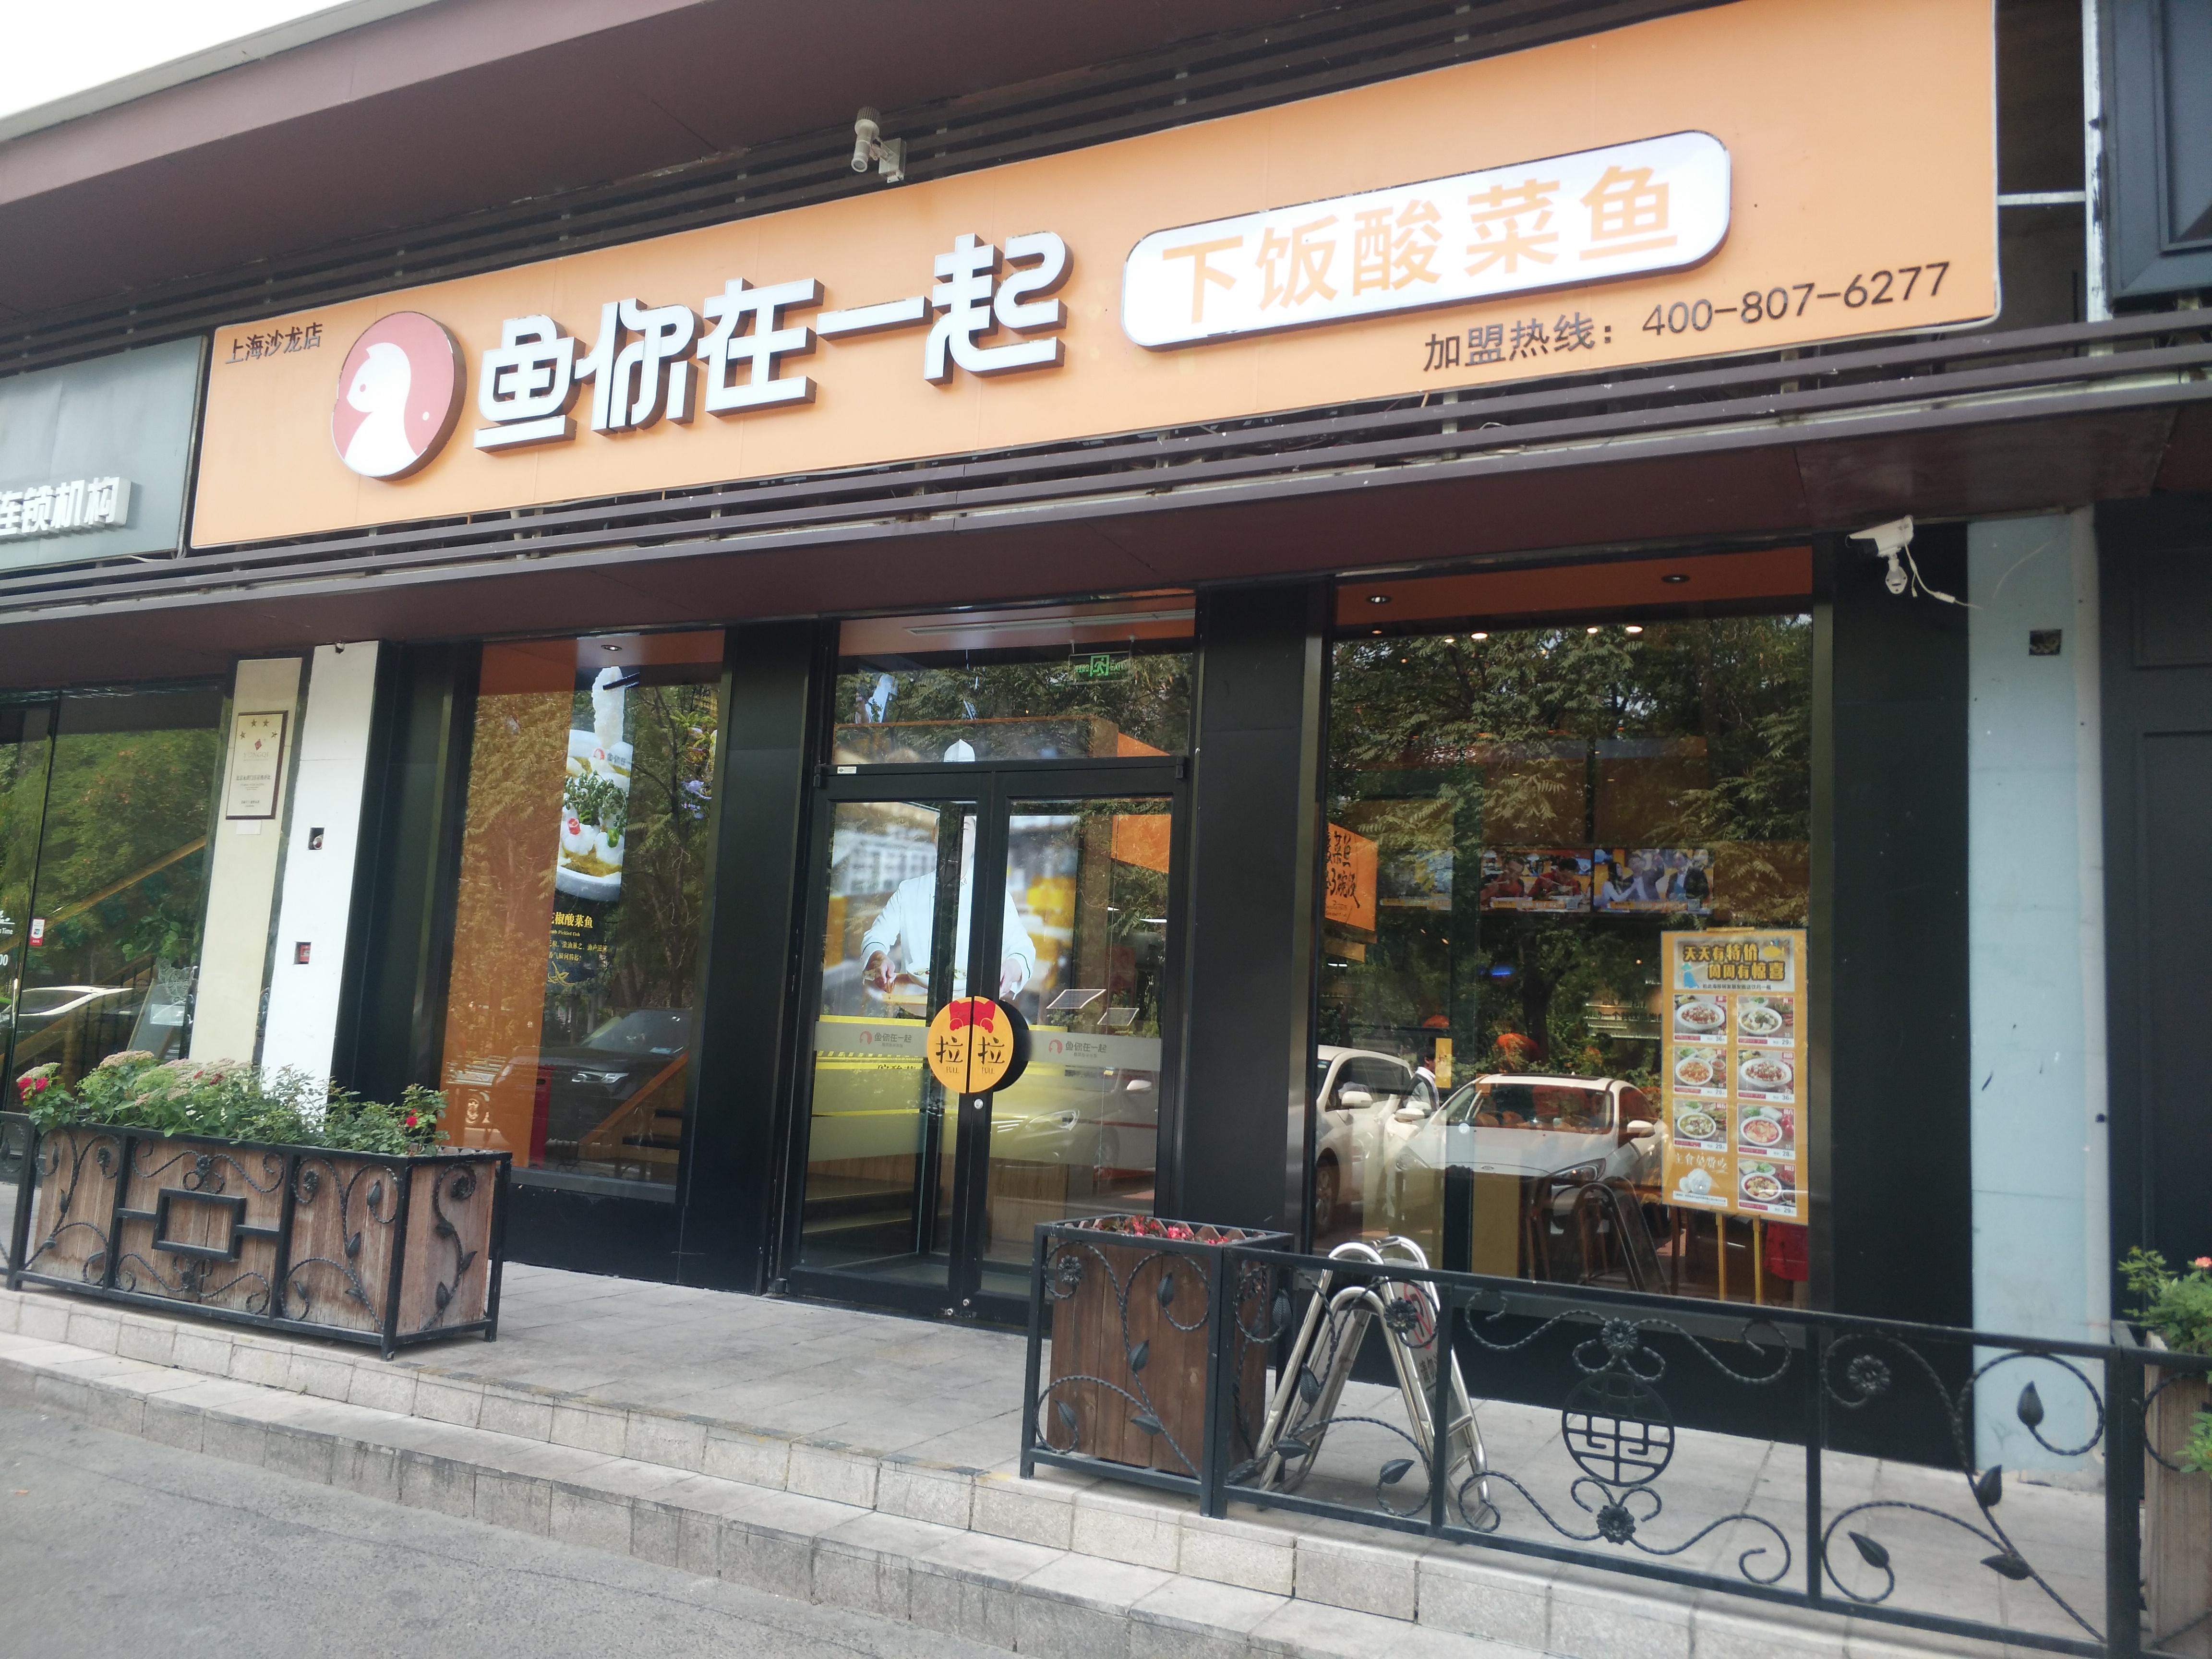 一家美味又平民的餐厅—鱼你在一起酸菜鱼